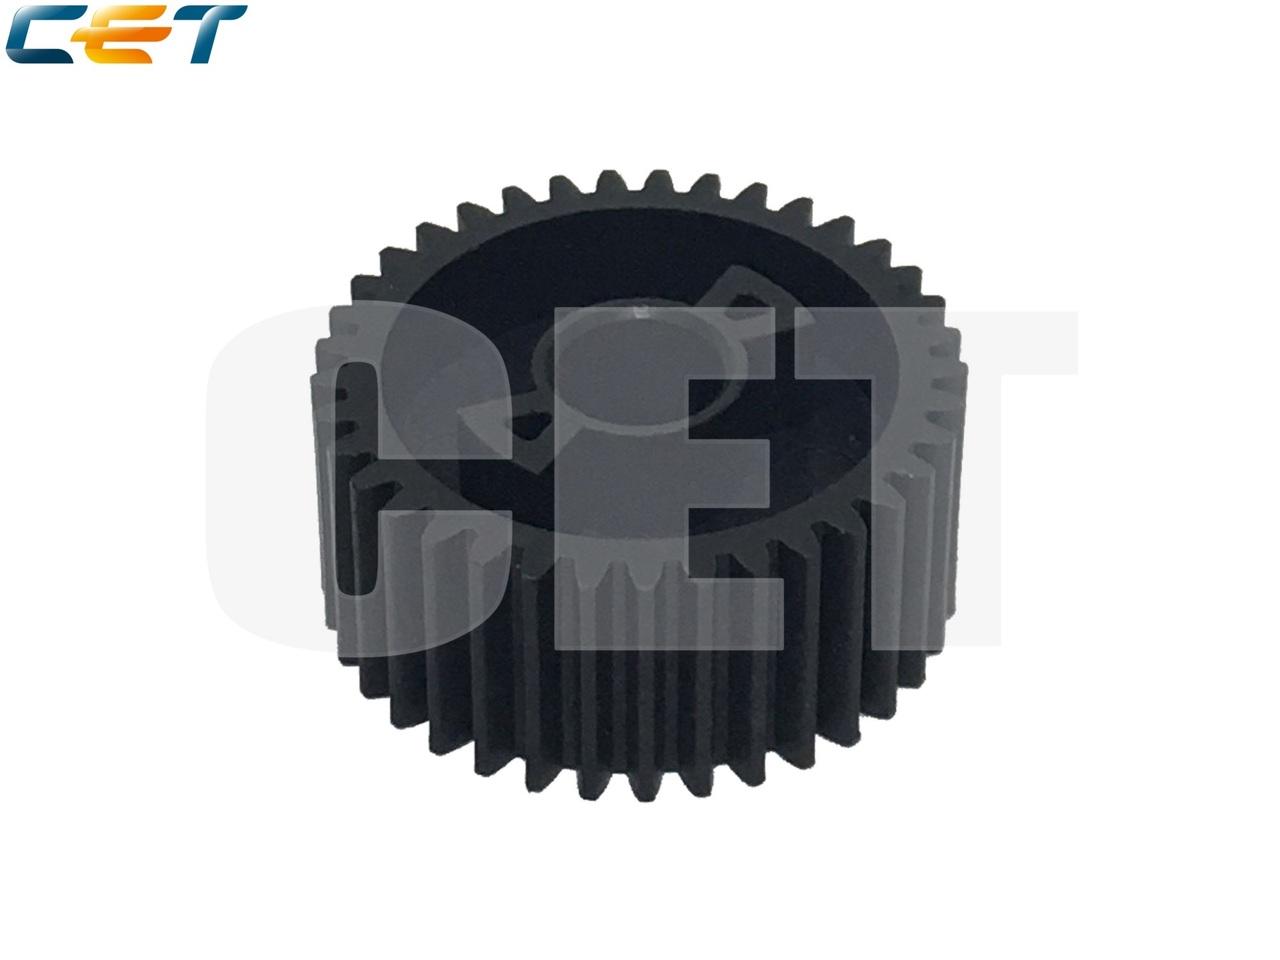 Шестерня фьюзера 37T JC66-01637A для SAMSUNGML-2850/SCX-4828 (CET), DGP7498